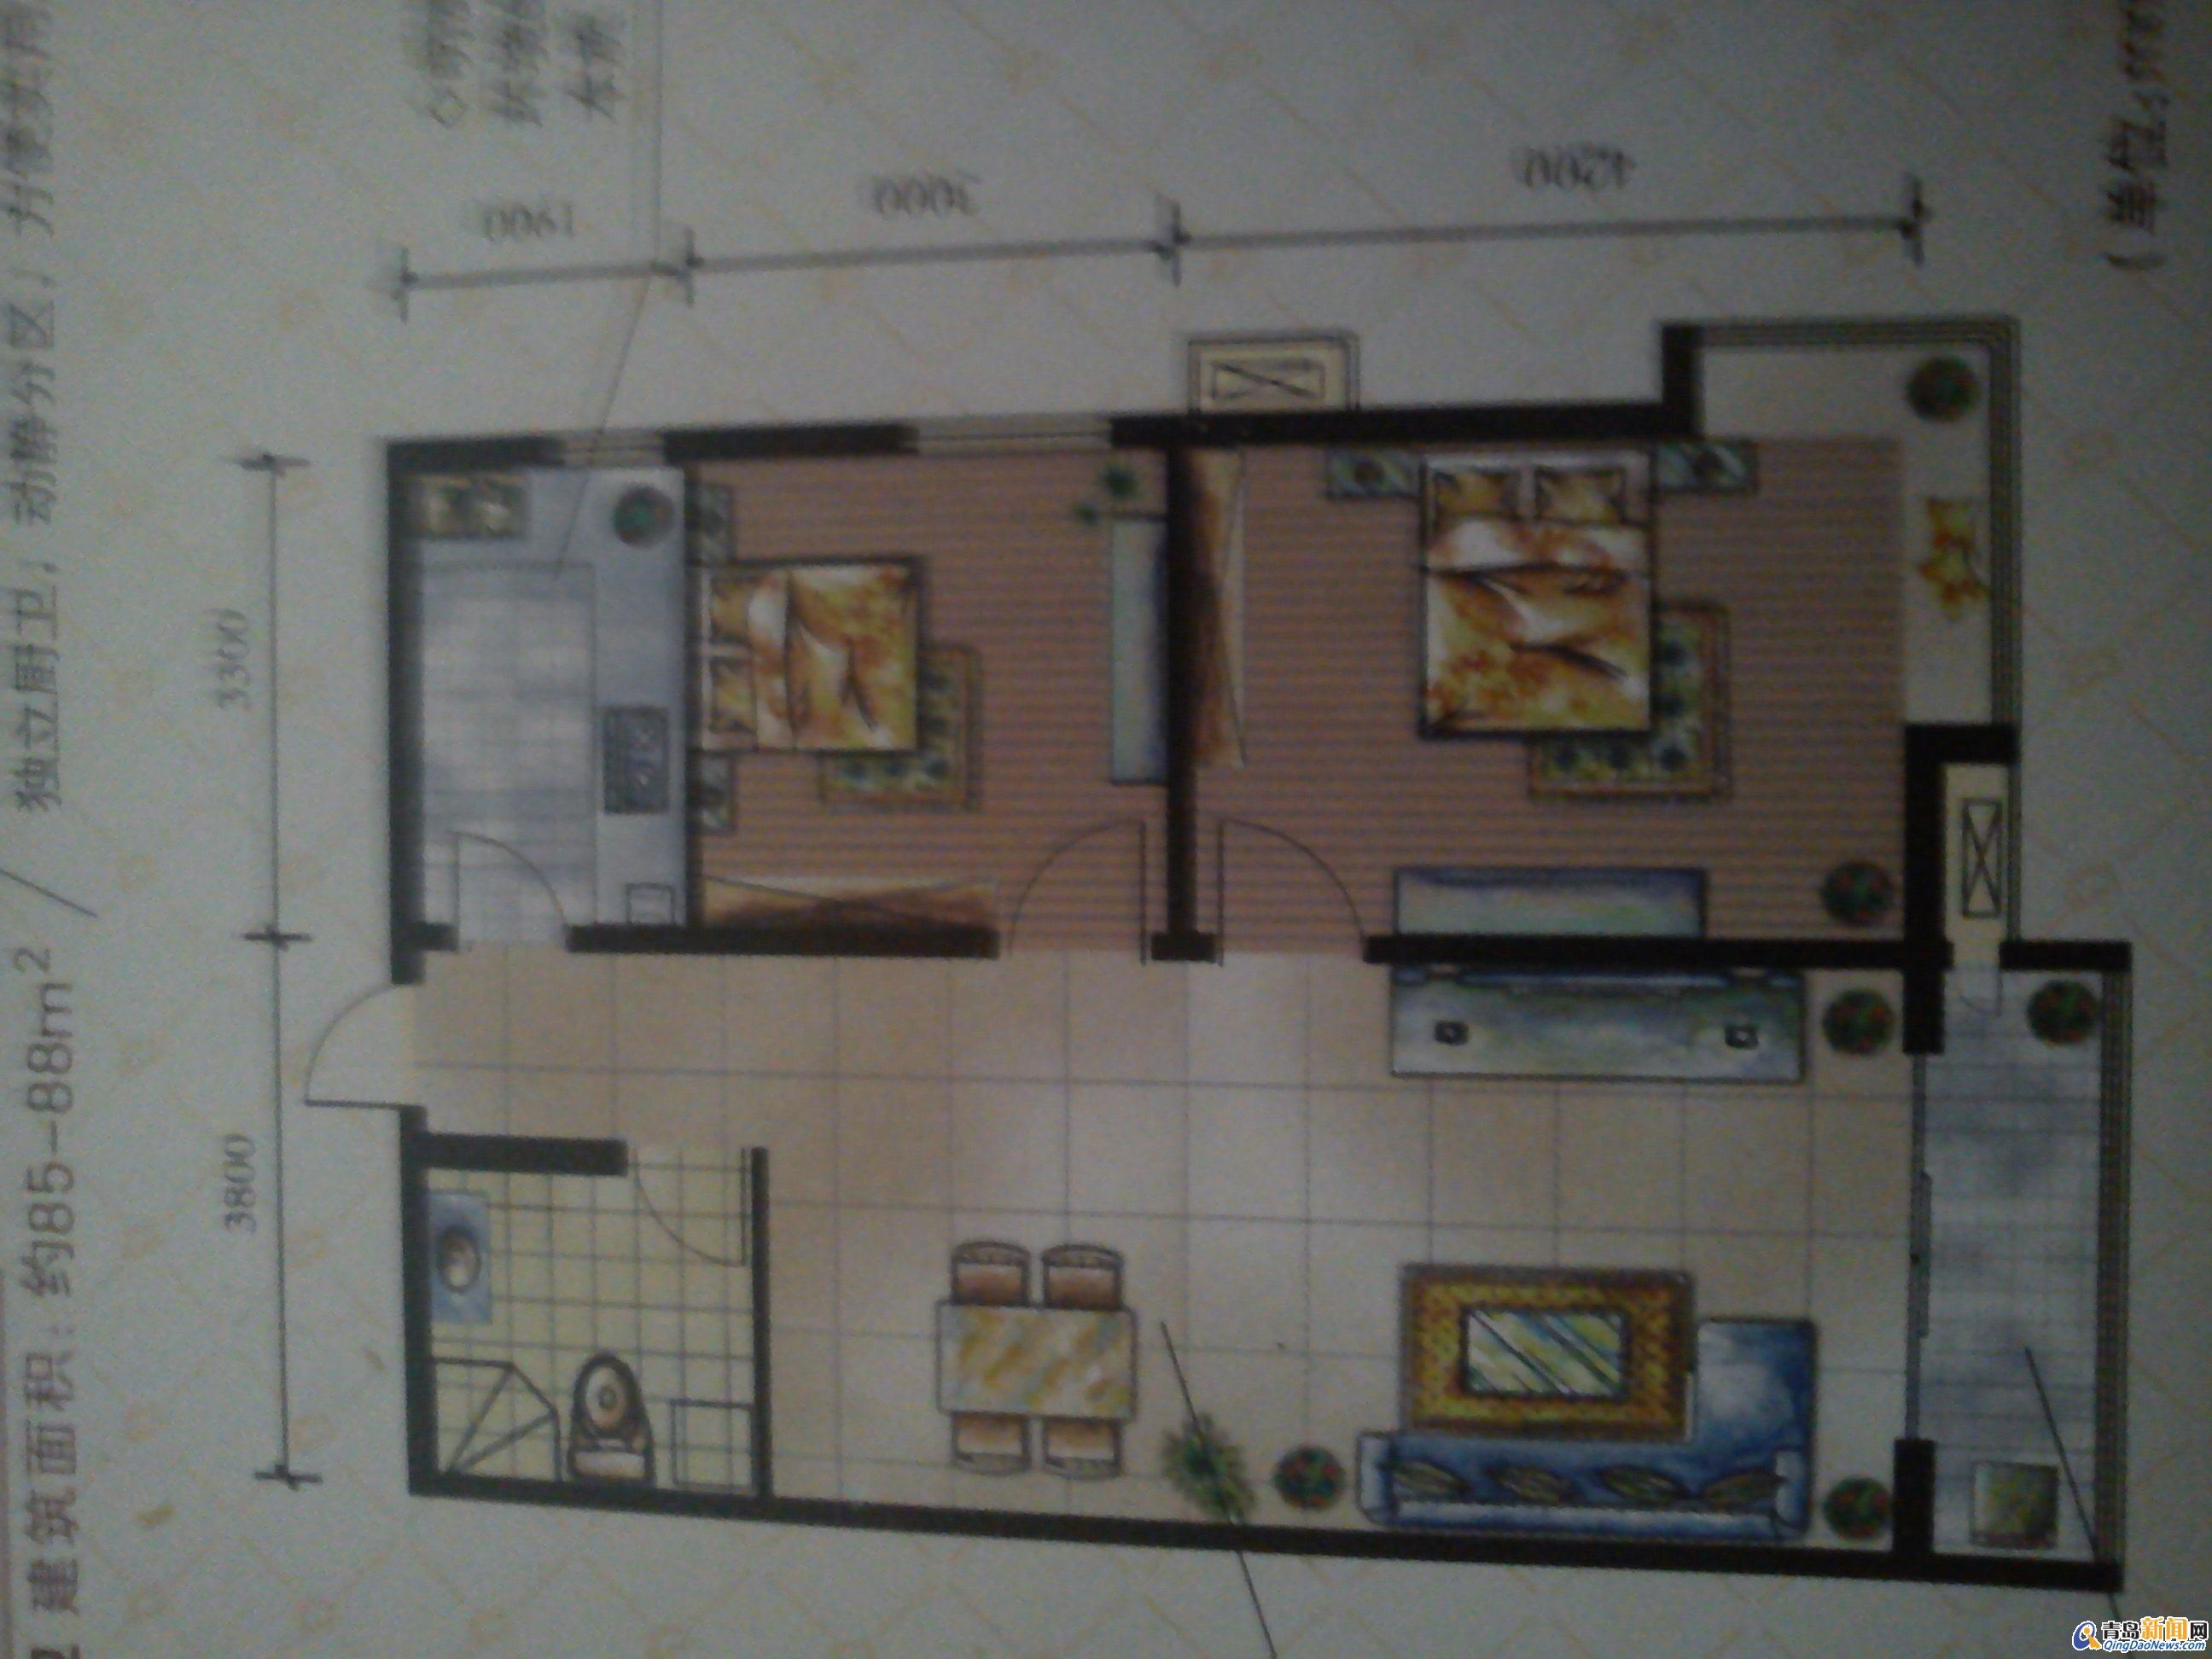 88平方米住宅装修招标书147号 预算半包1 3万 青岛新闻网家居装修高清图片